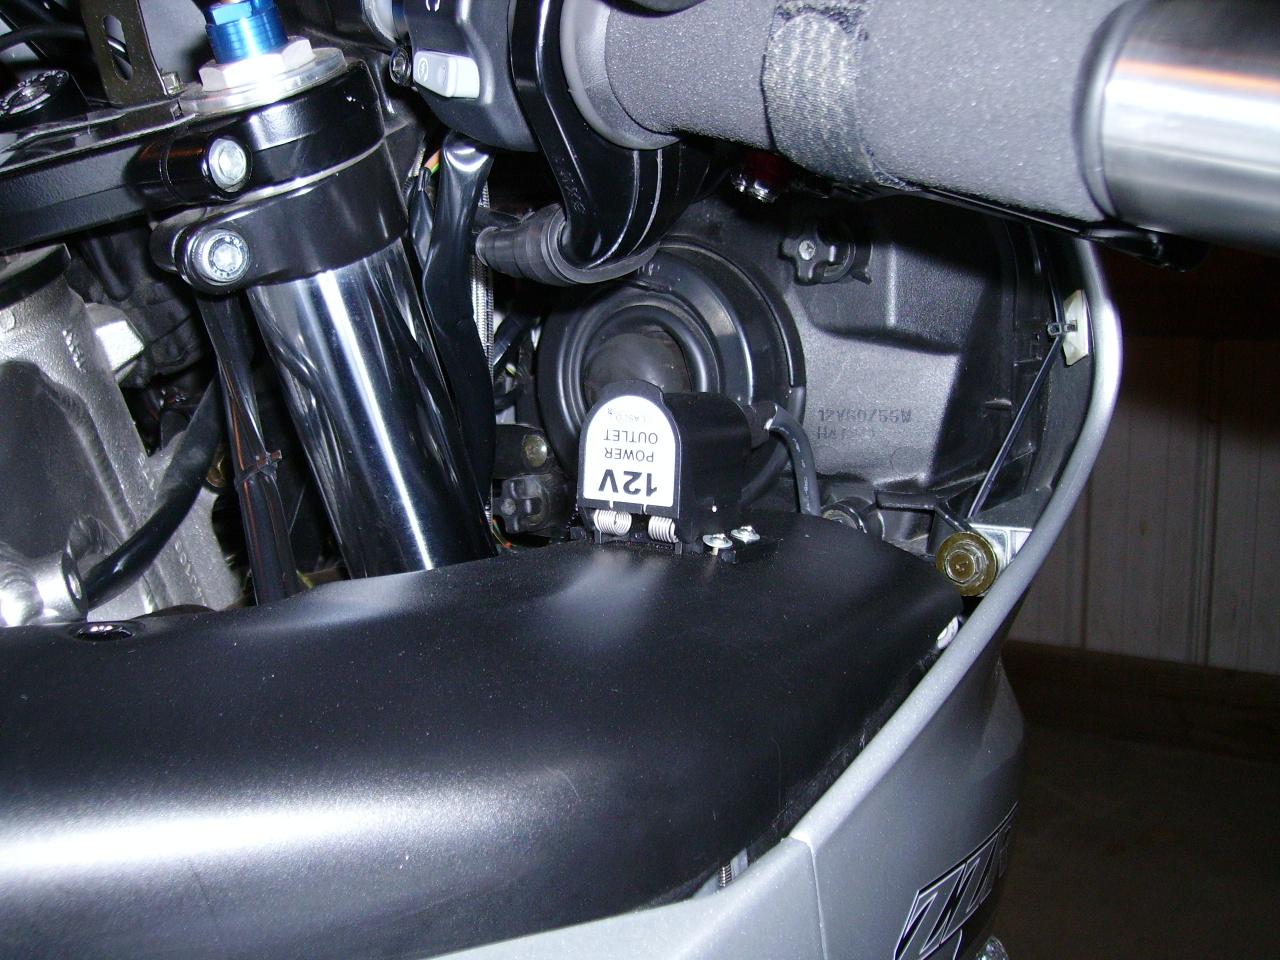 show-off-your-zzr600-plug-002.jpg